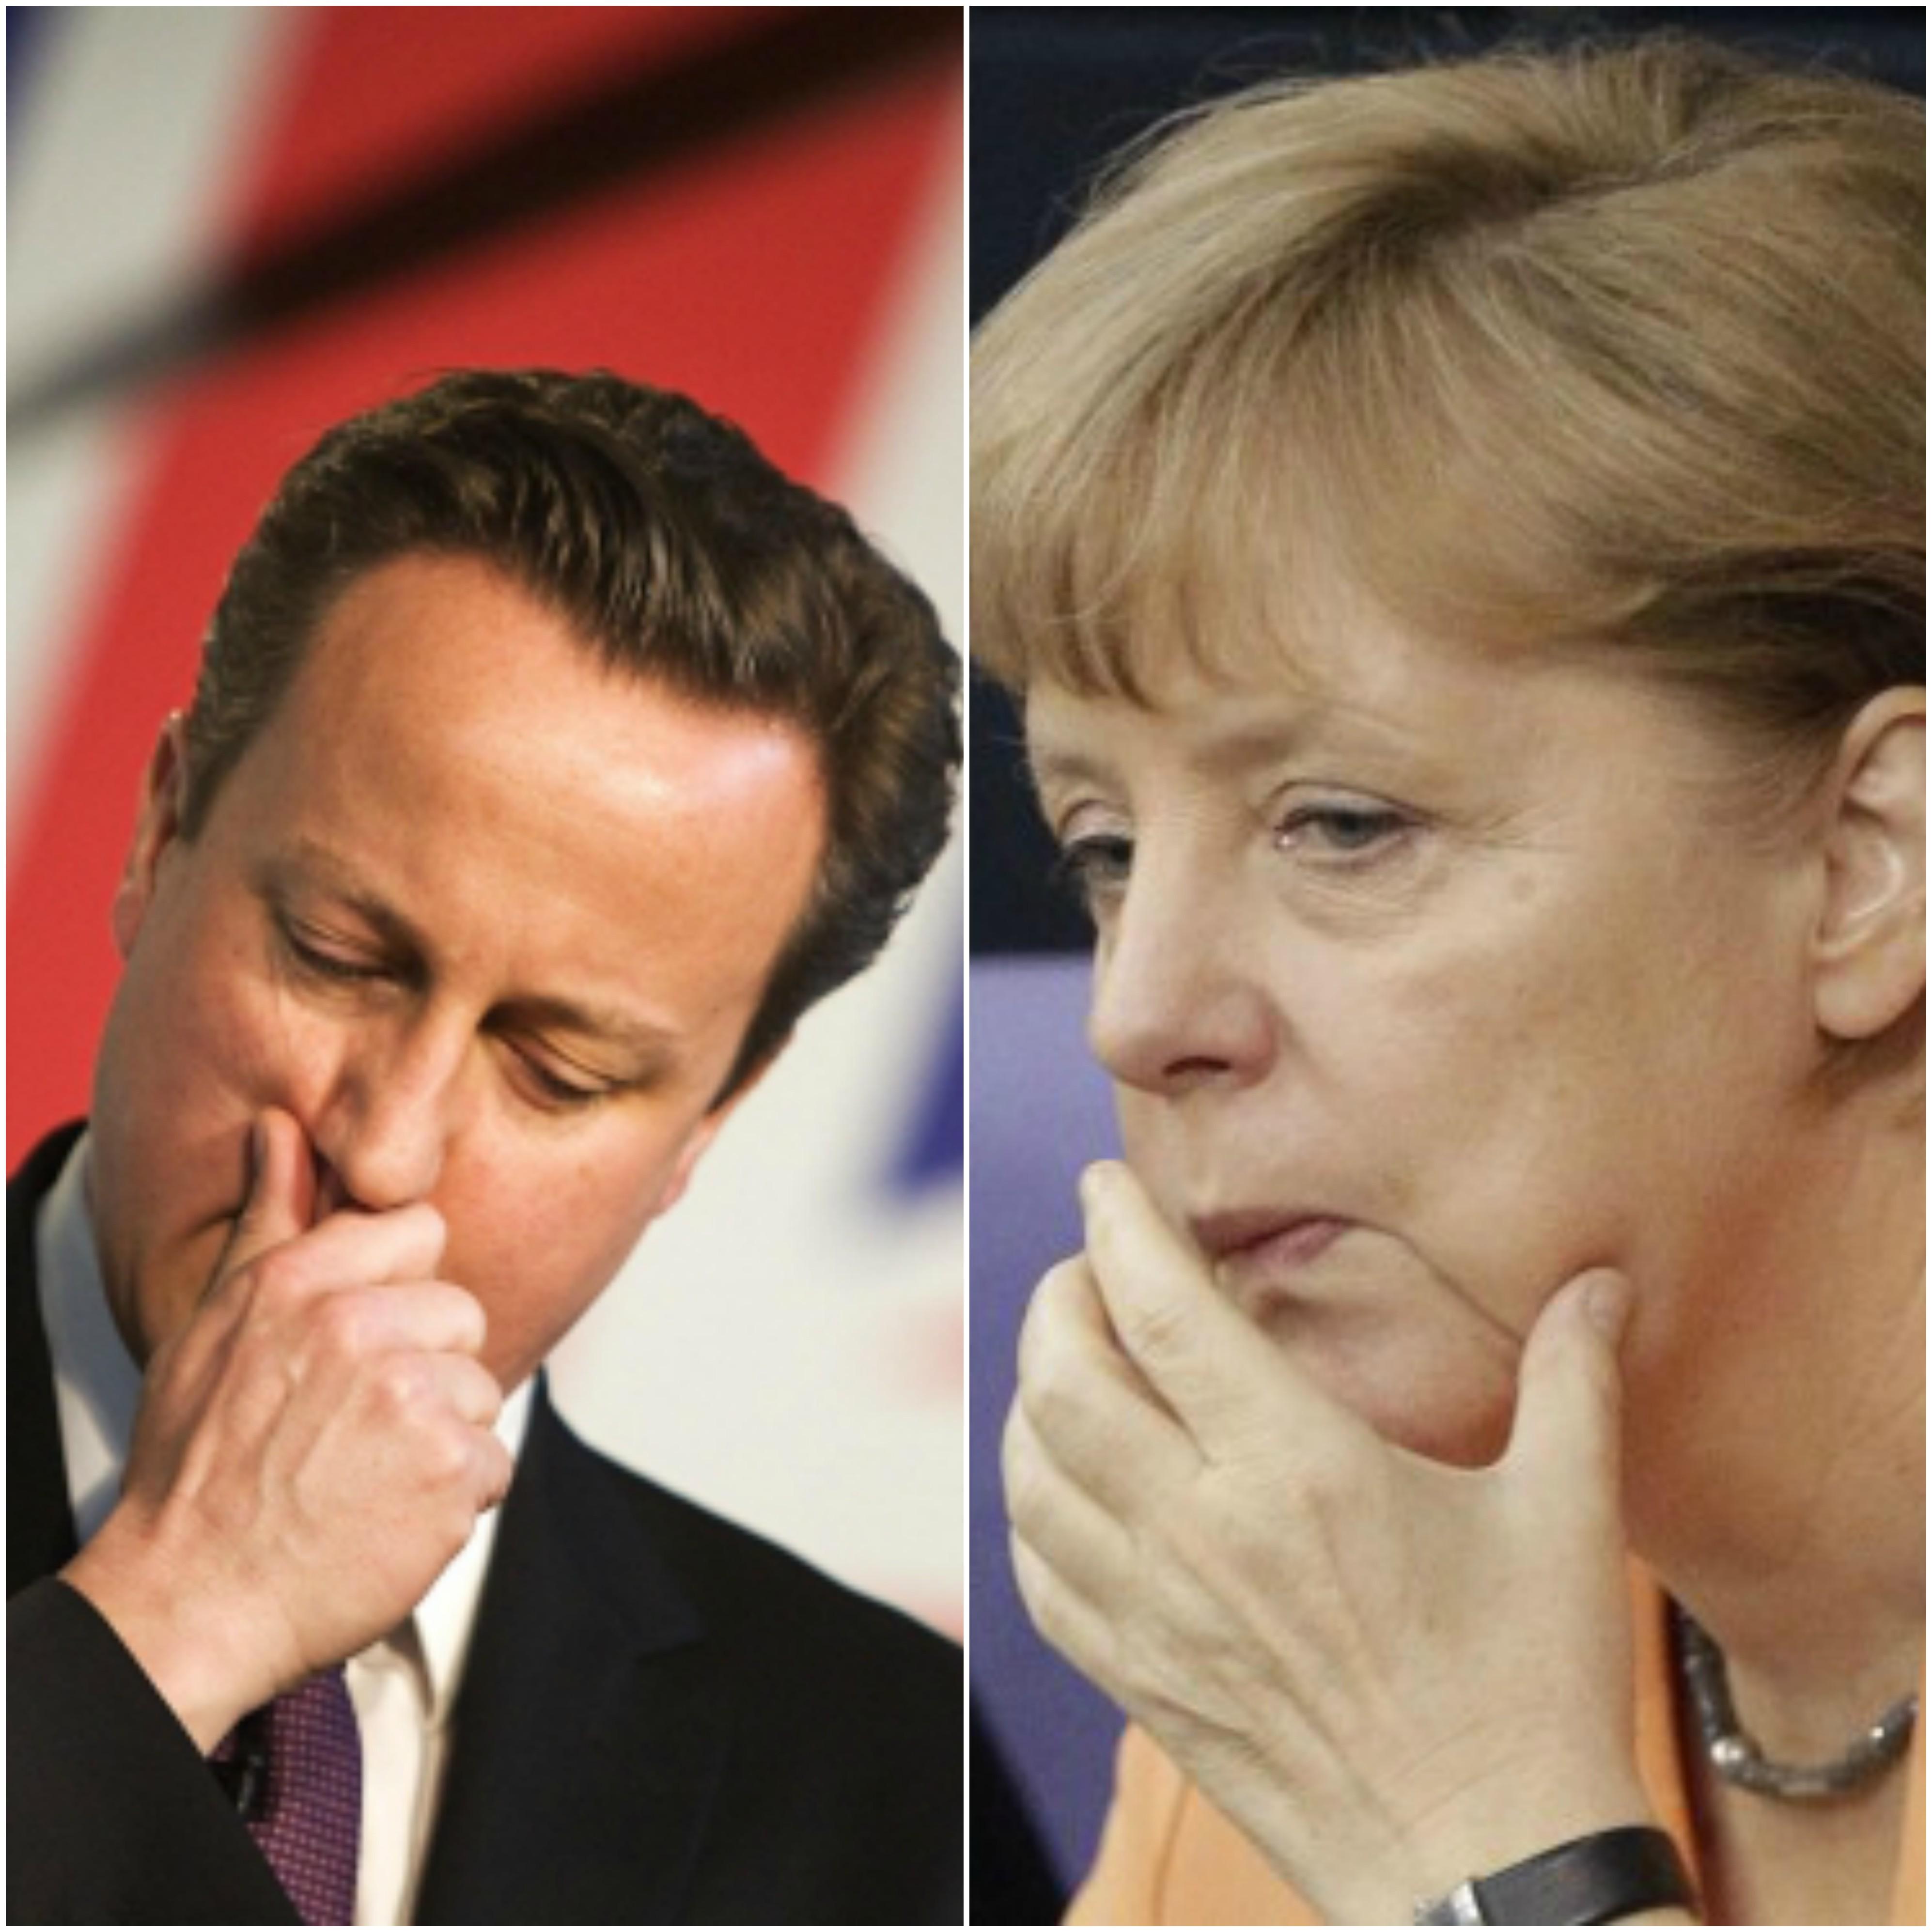 Камерон, Меркель нарын дараалсан алдаатай бодлогууд: Дээрээс хүчтэй унах нь